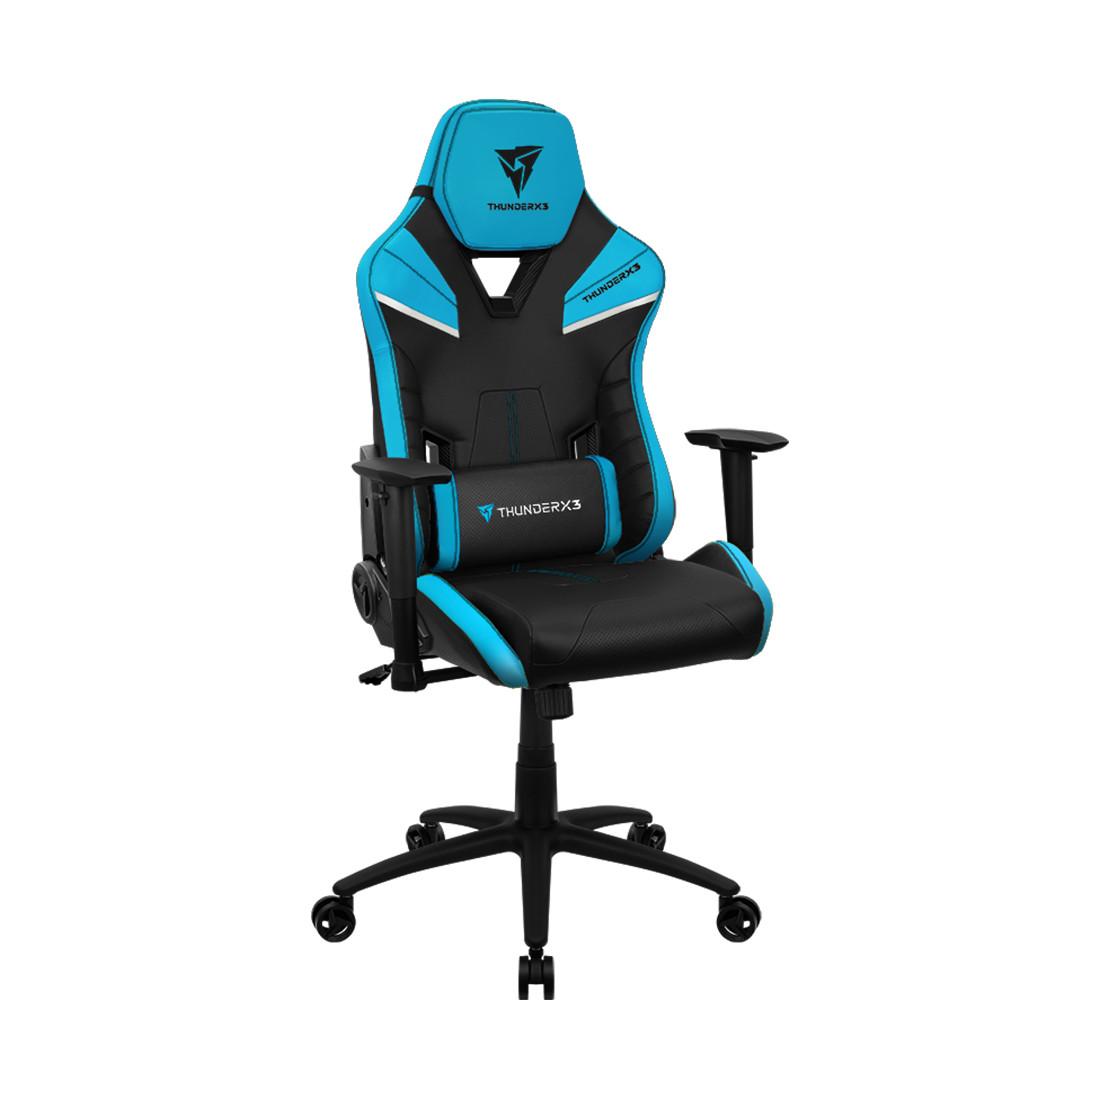 Игровое компьютерное кресло, ThunderX3, TC5-Azure Blue